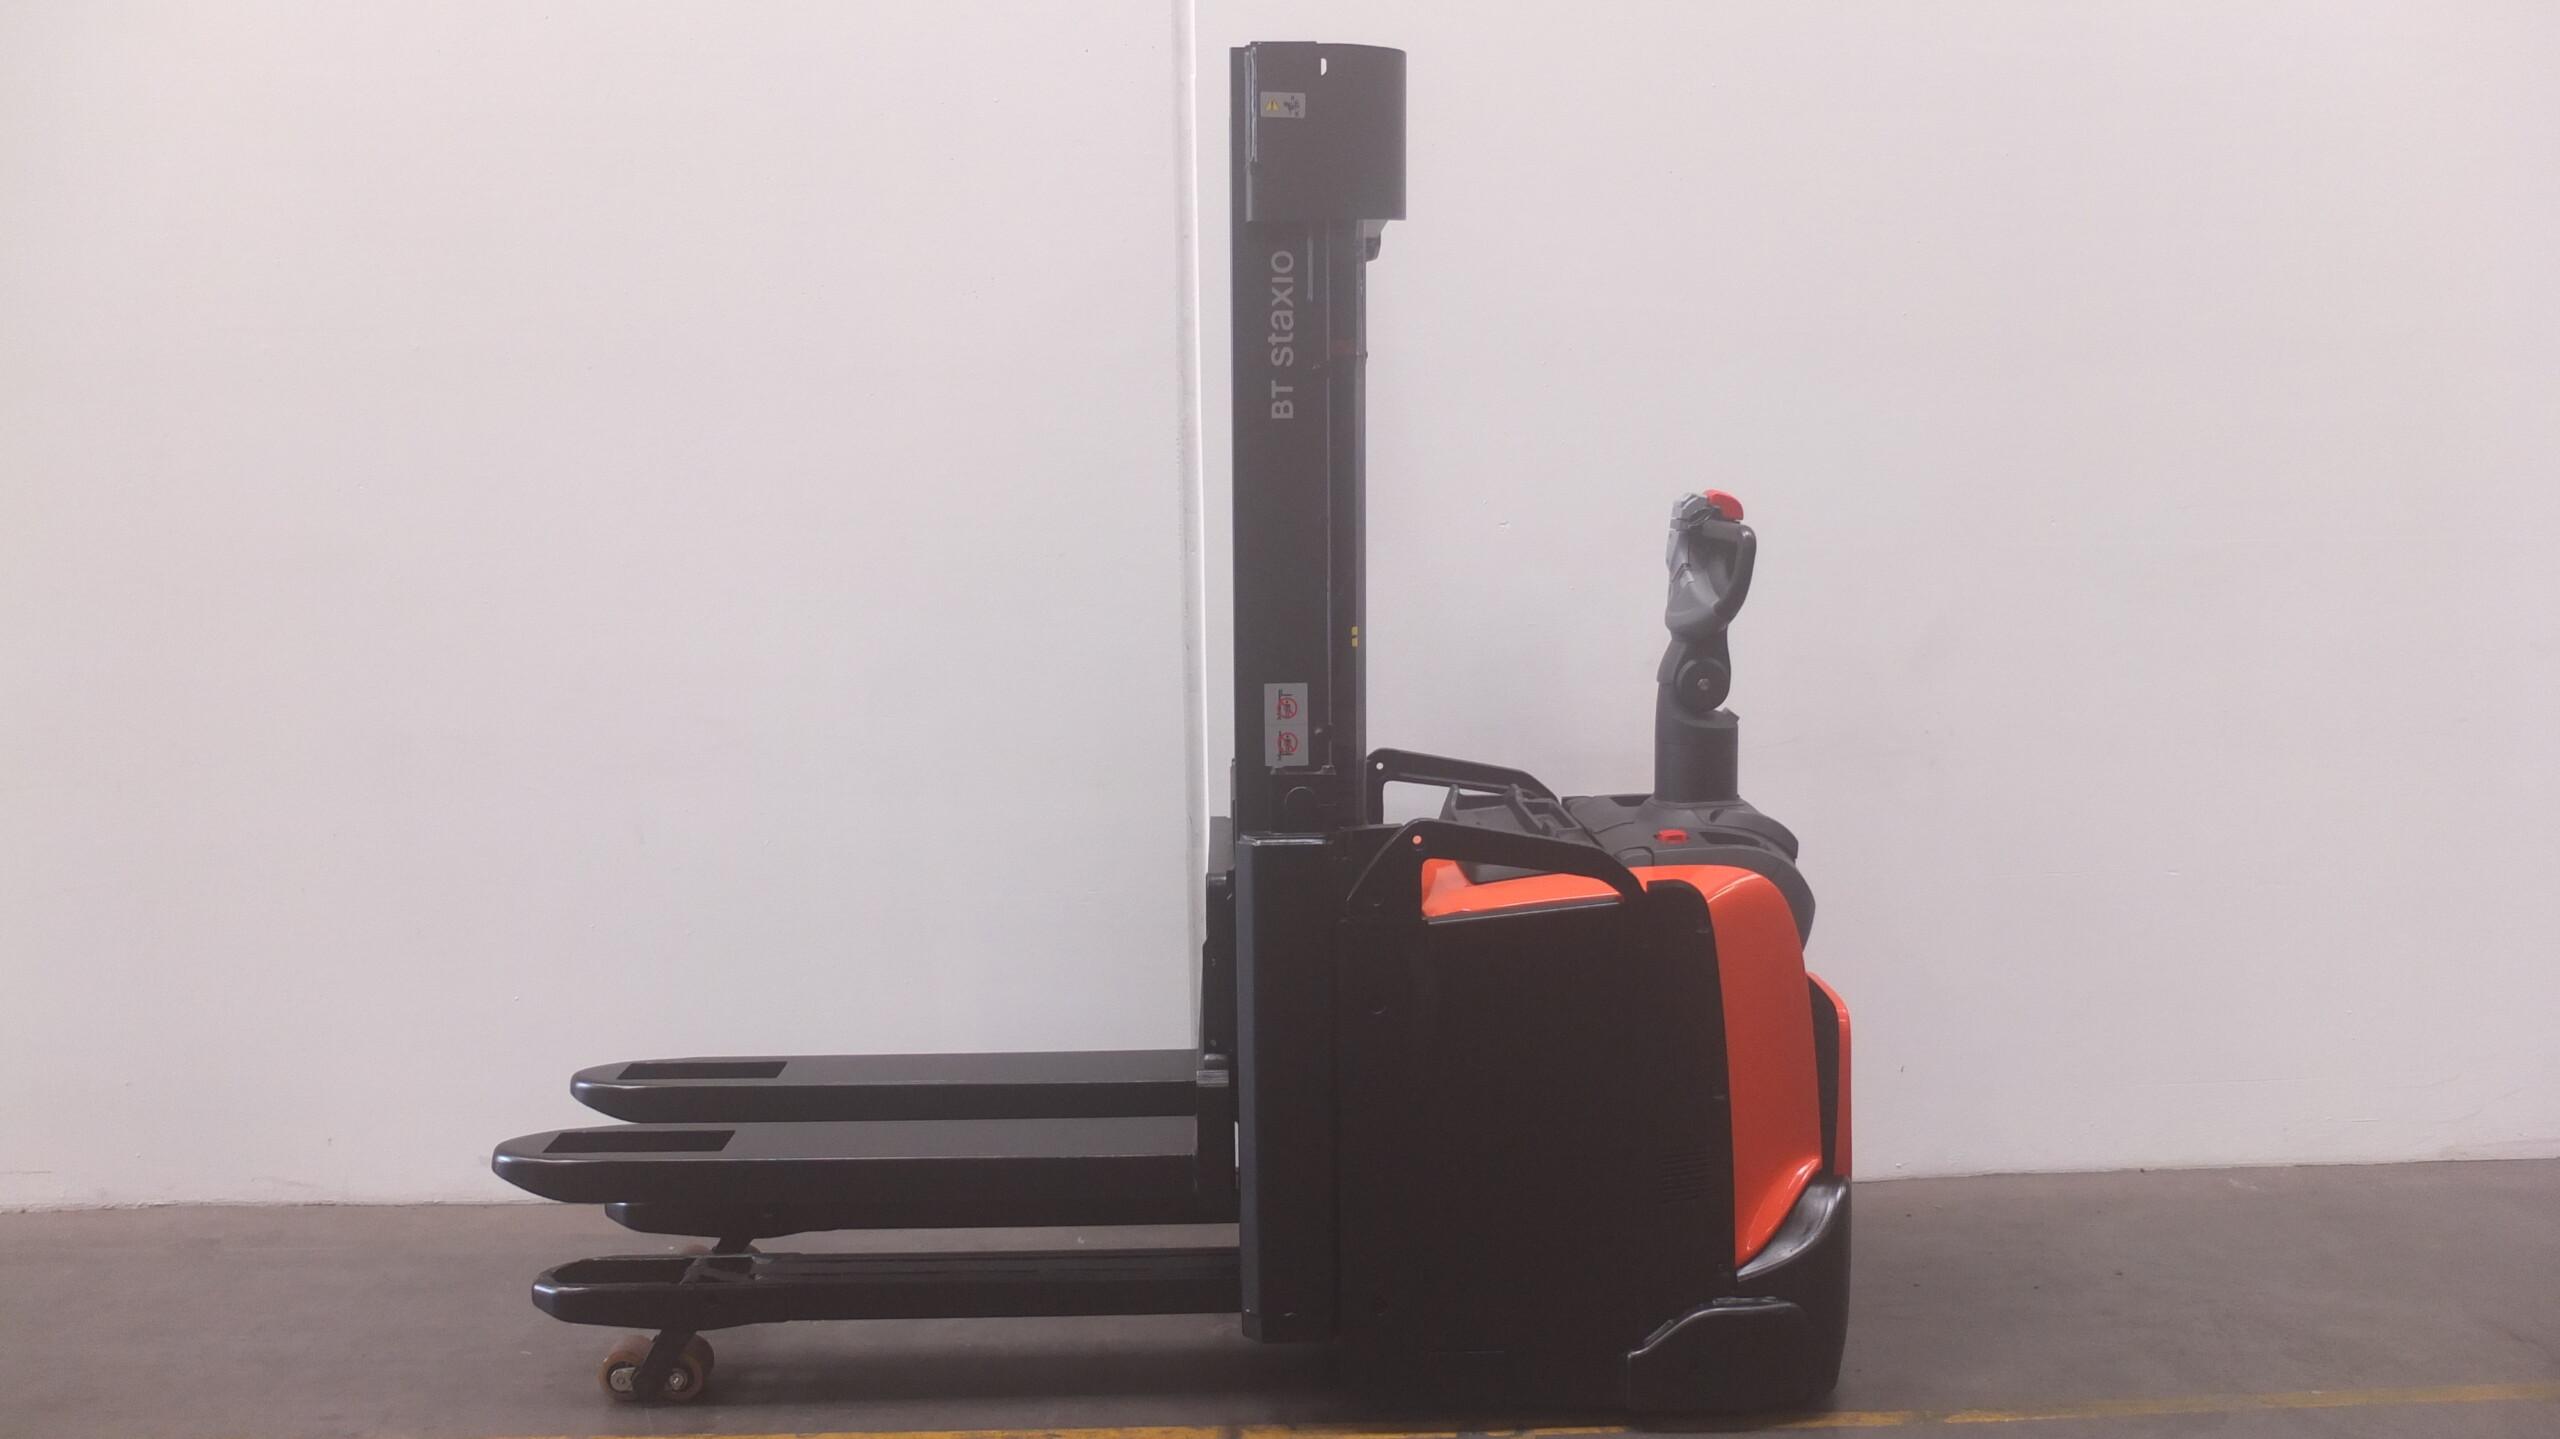 Toyota-Gabelstapler-59840 1708018799 1 87 scaled